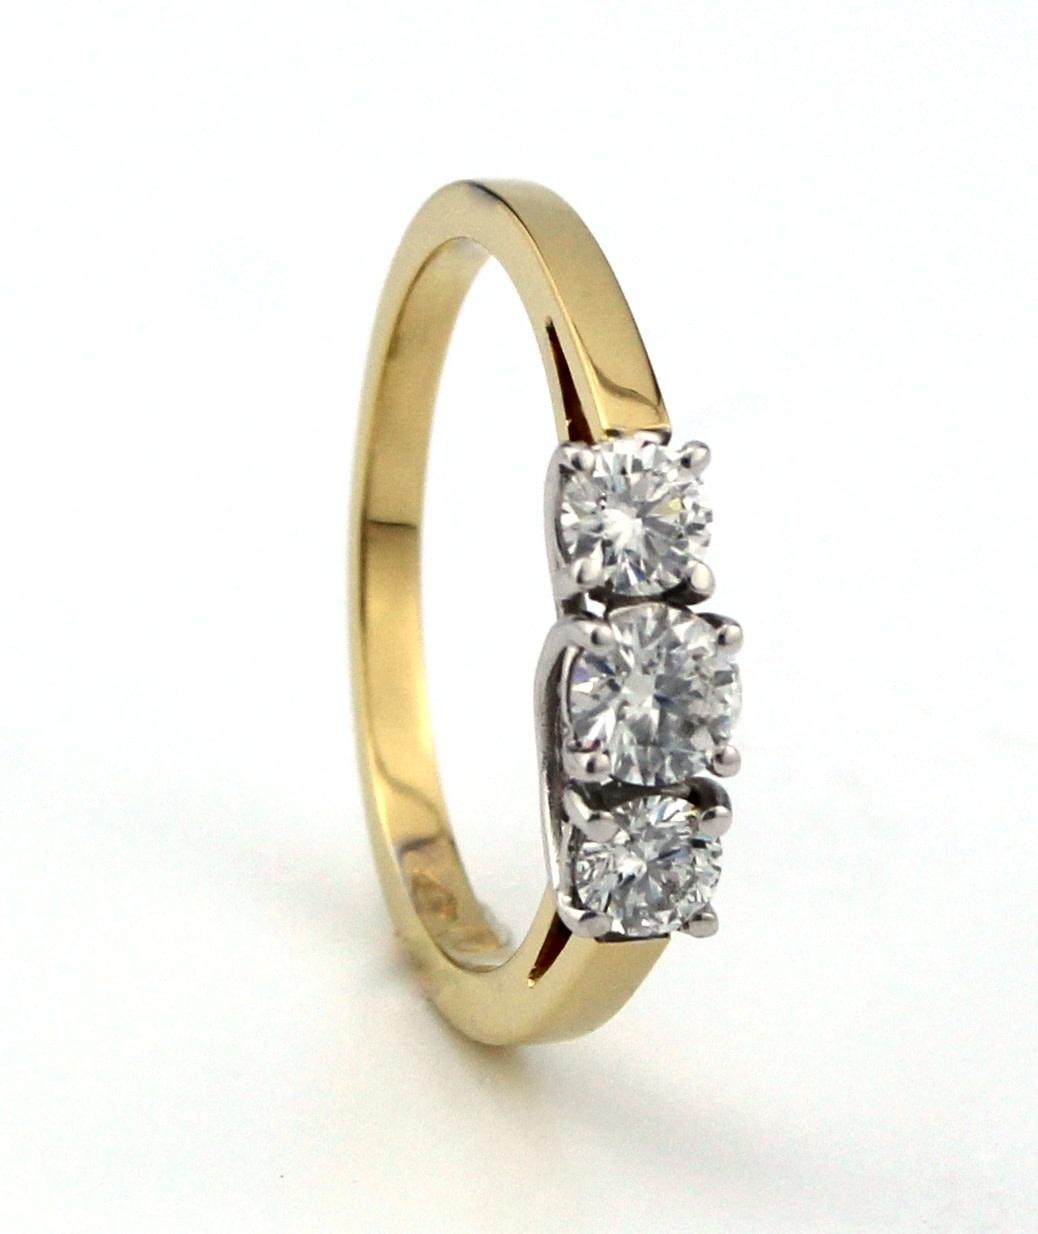 Tomylo 18 kt bicolour gouden Tiffany ring met 1x 0.25 ct en 2x 0.16 ct